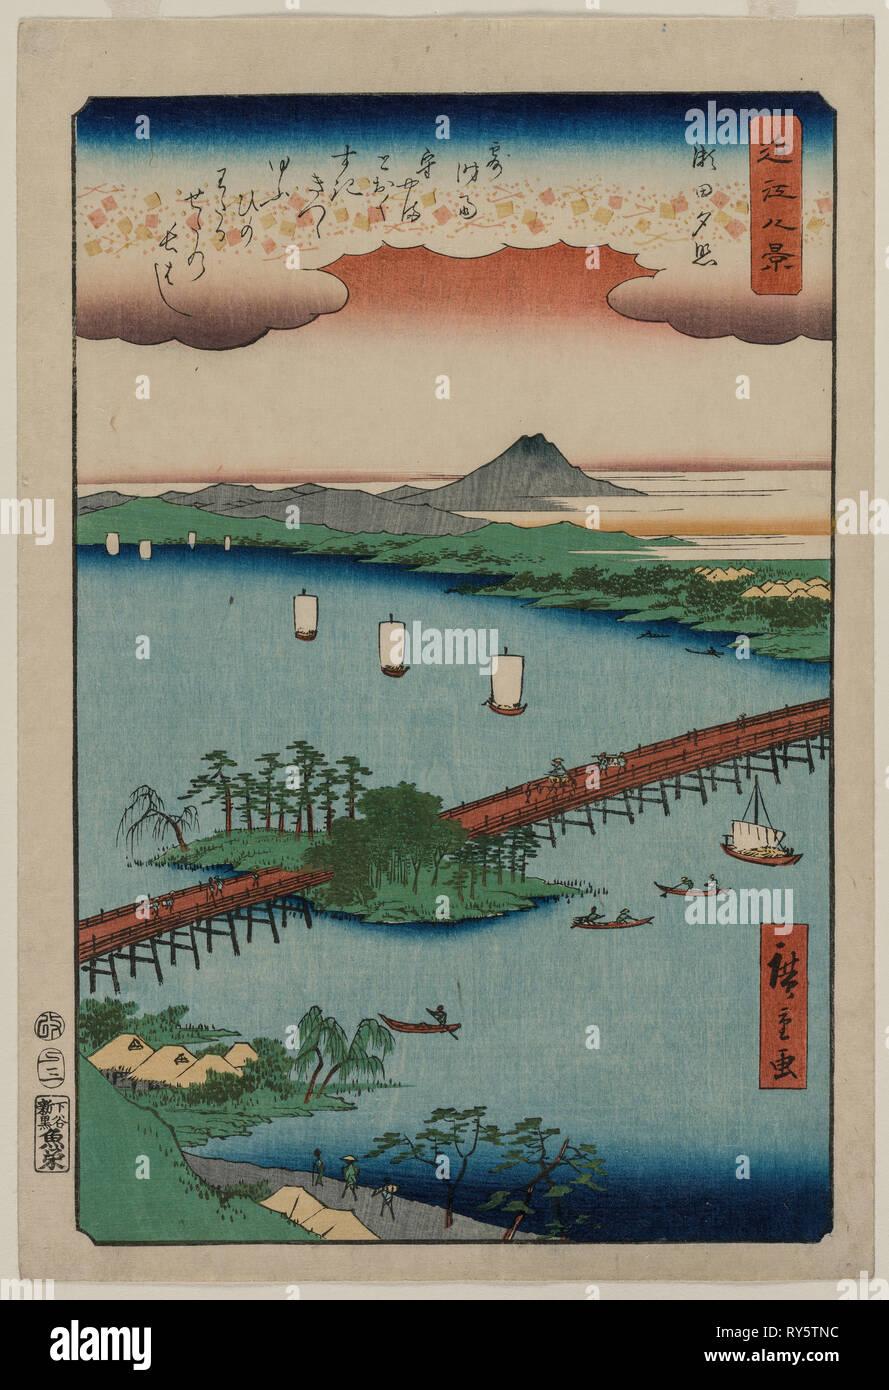 Bagliore di sera in seta, dalla serie di otto vedute di Ōmi, 1857. Utagawa Hiroshige (giapponese, 1797-1858). Color woodblock stampa, inchiostro e colore su carta; foglio: 34,2 x 22,5 cm (13 7/16 x 8 7/8 in Immagini Stock